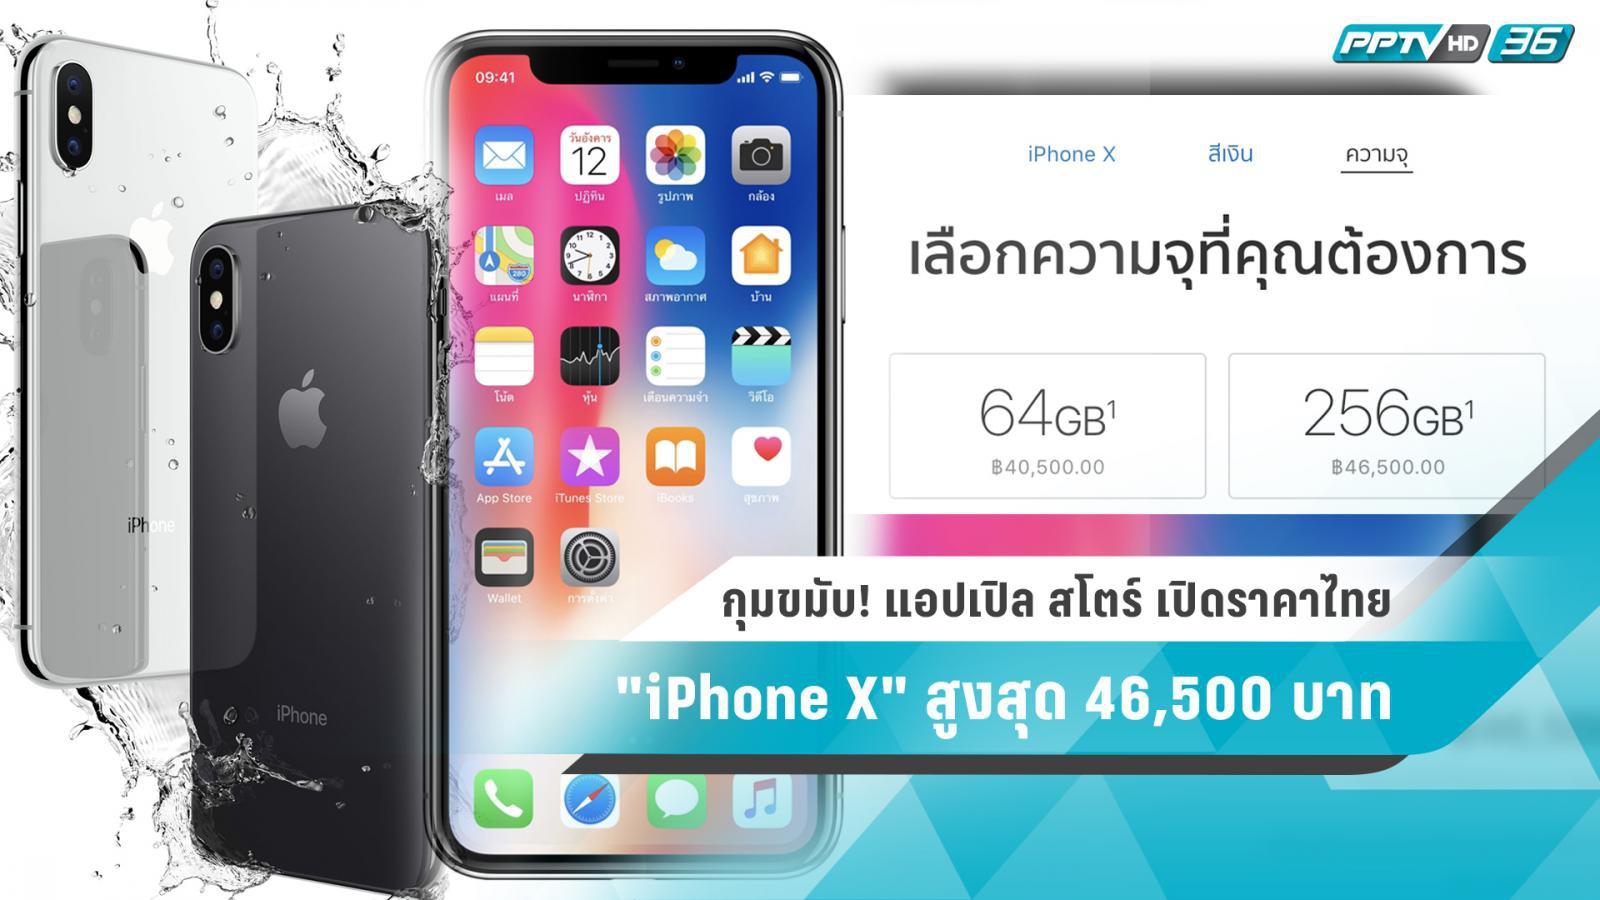 """กุมขมับ! แอปเปิล สโตร์ เปิดราคาไทย """"iPhone X"""" สูงสุด 46,500 บาท"""